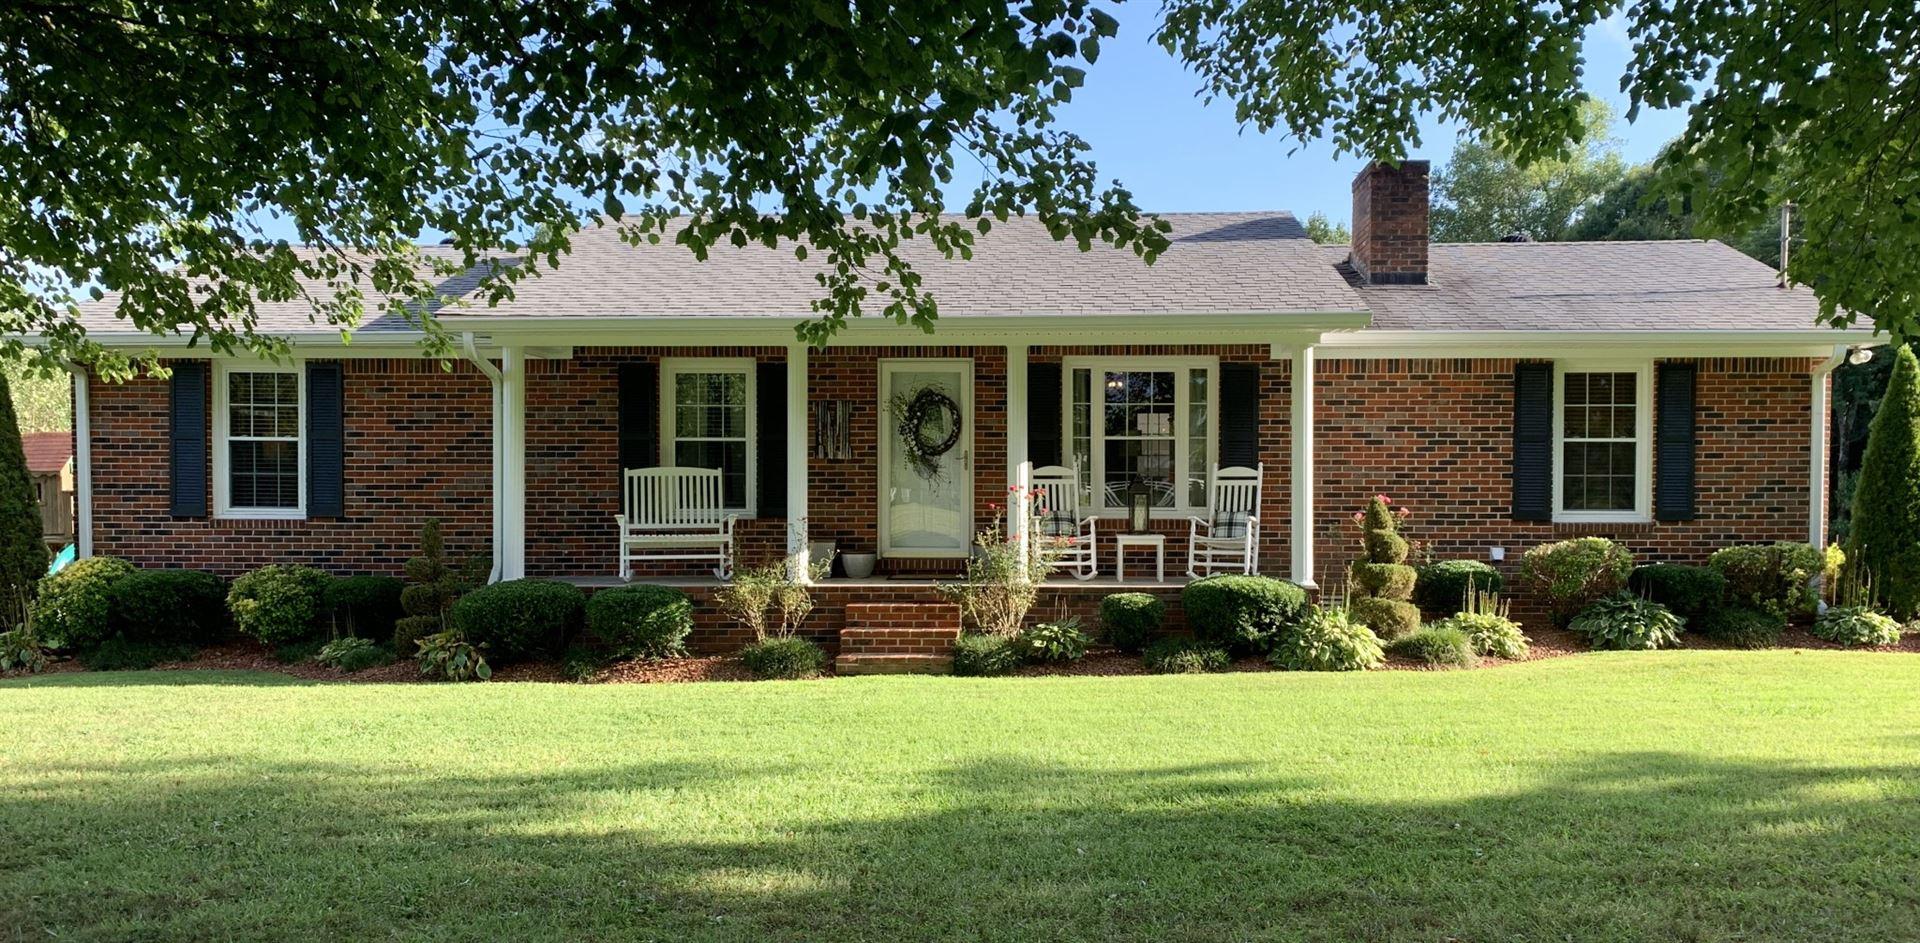 749 Bright Hill Rd, Smithville, TN 37166 - MLS#: 2174097